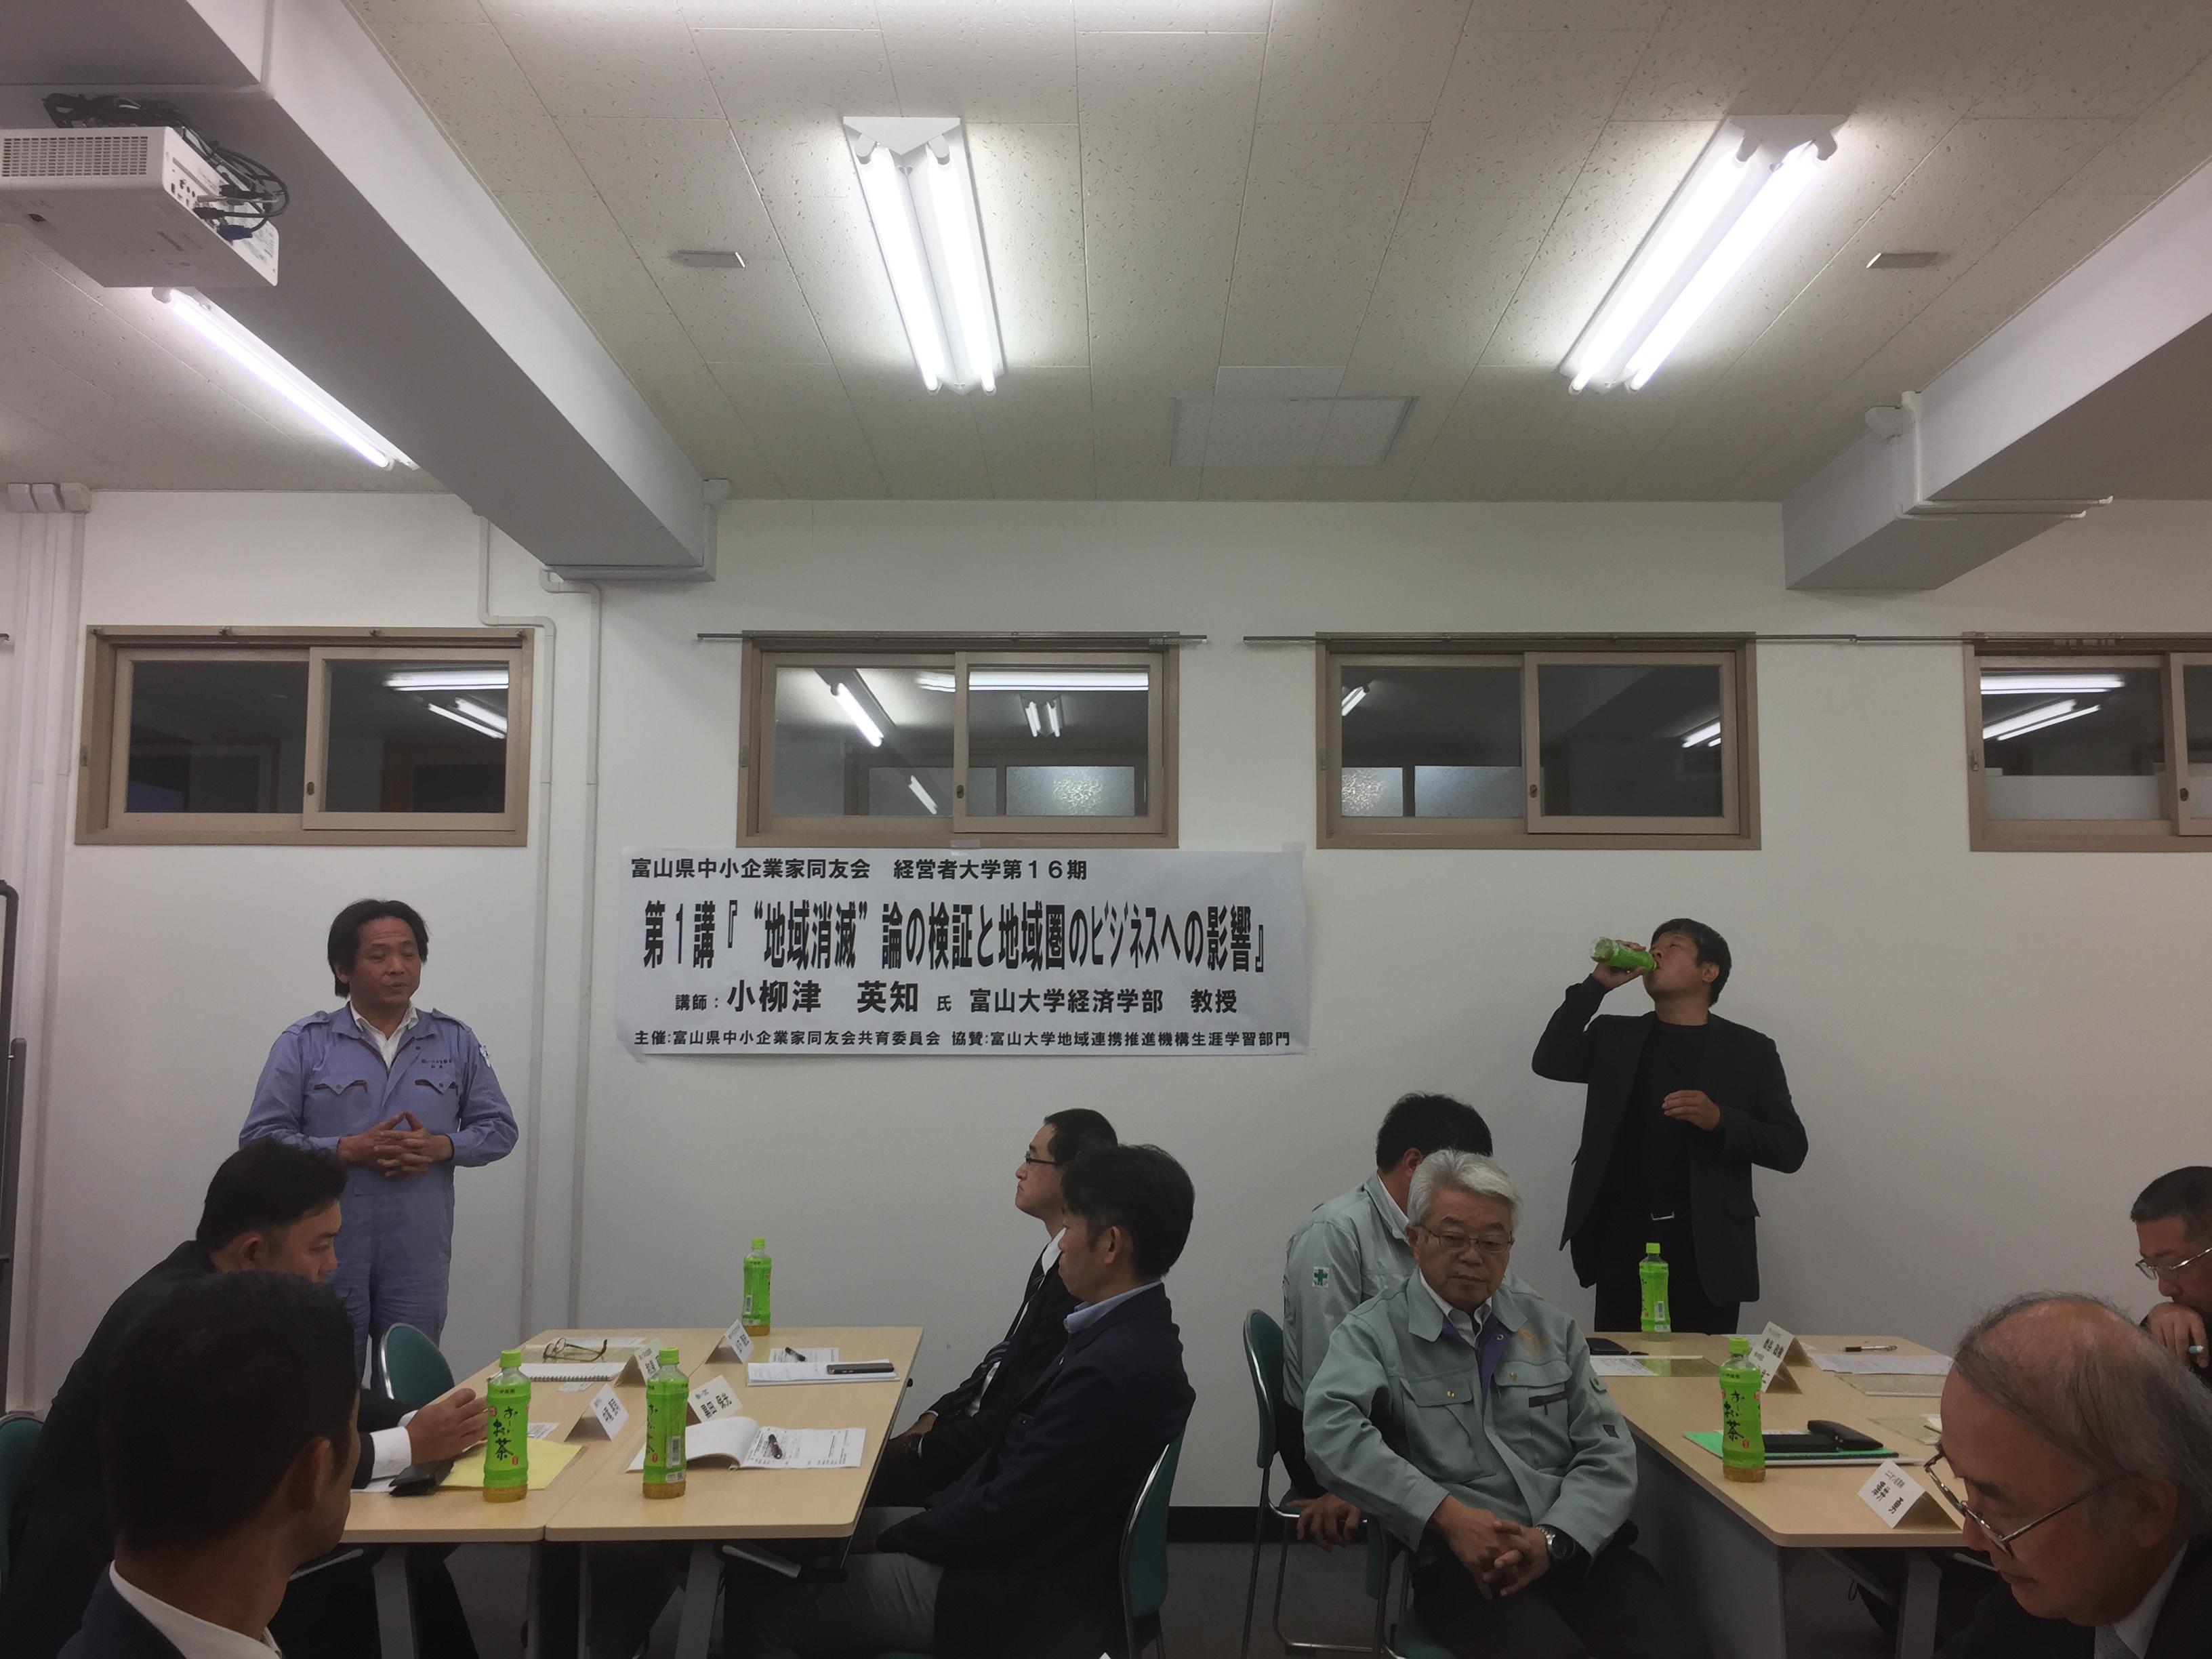 第16期中小企業家同友会経営者大学第1講に参加しました